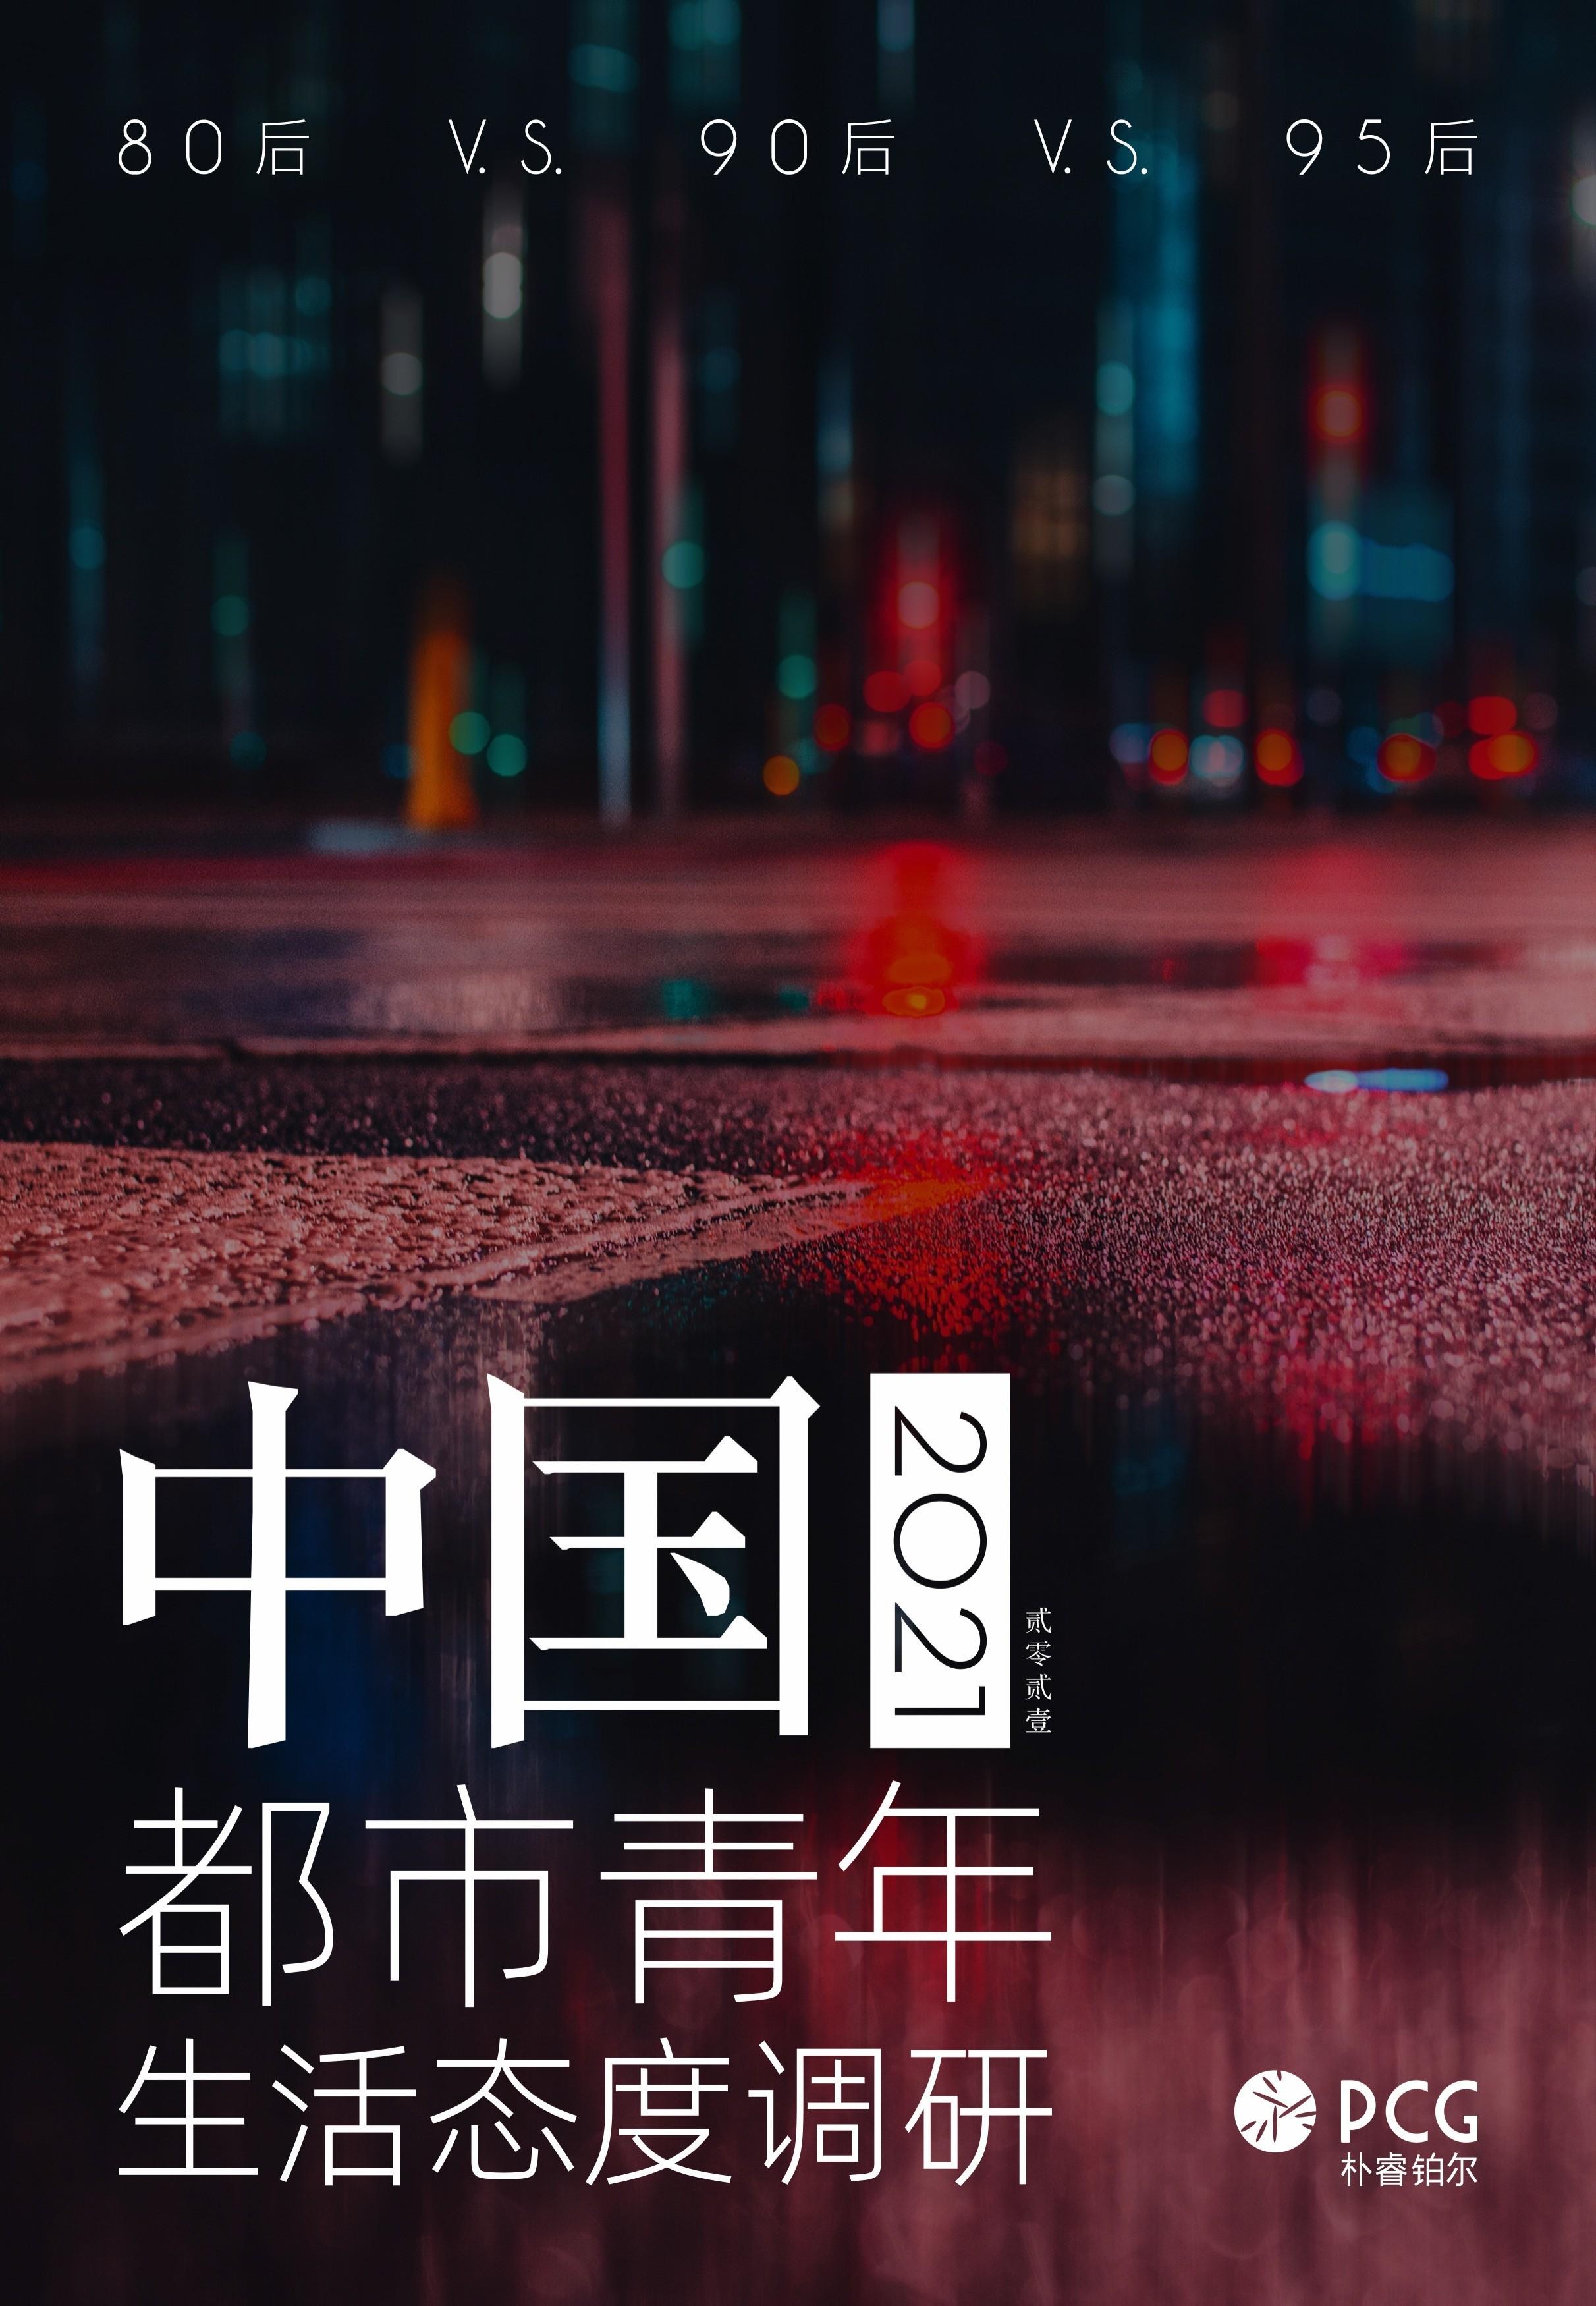 朴睿铂尔(PCG)《2021中国都市青年生活态度调研》报告正式发布